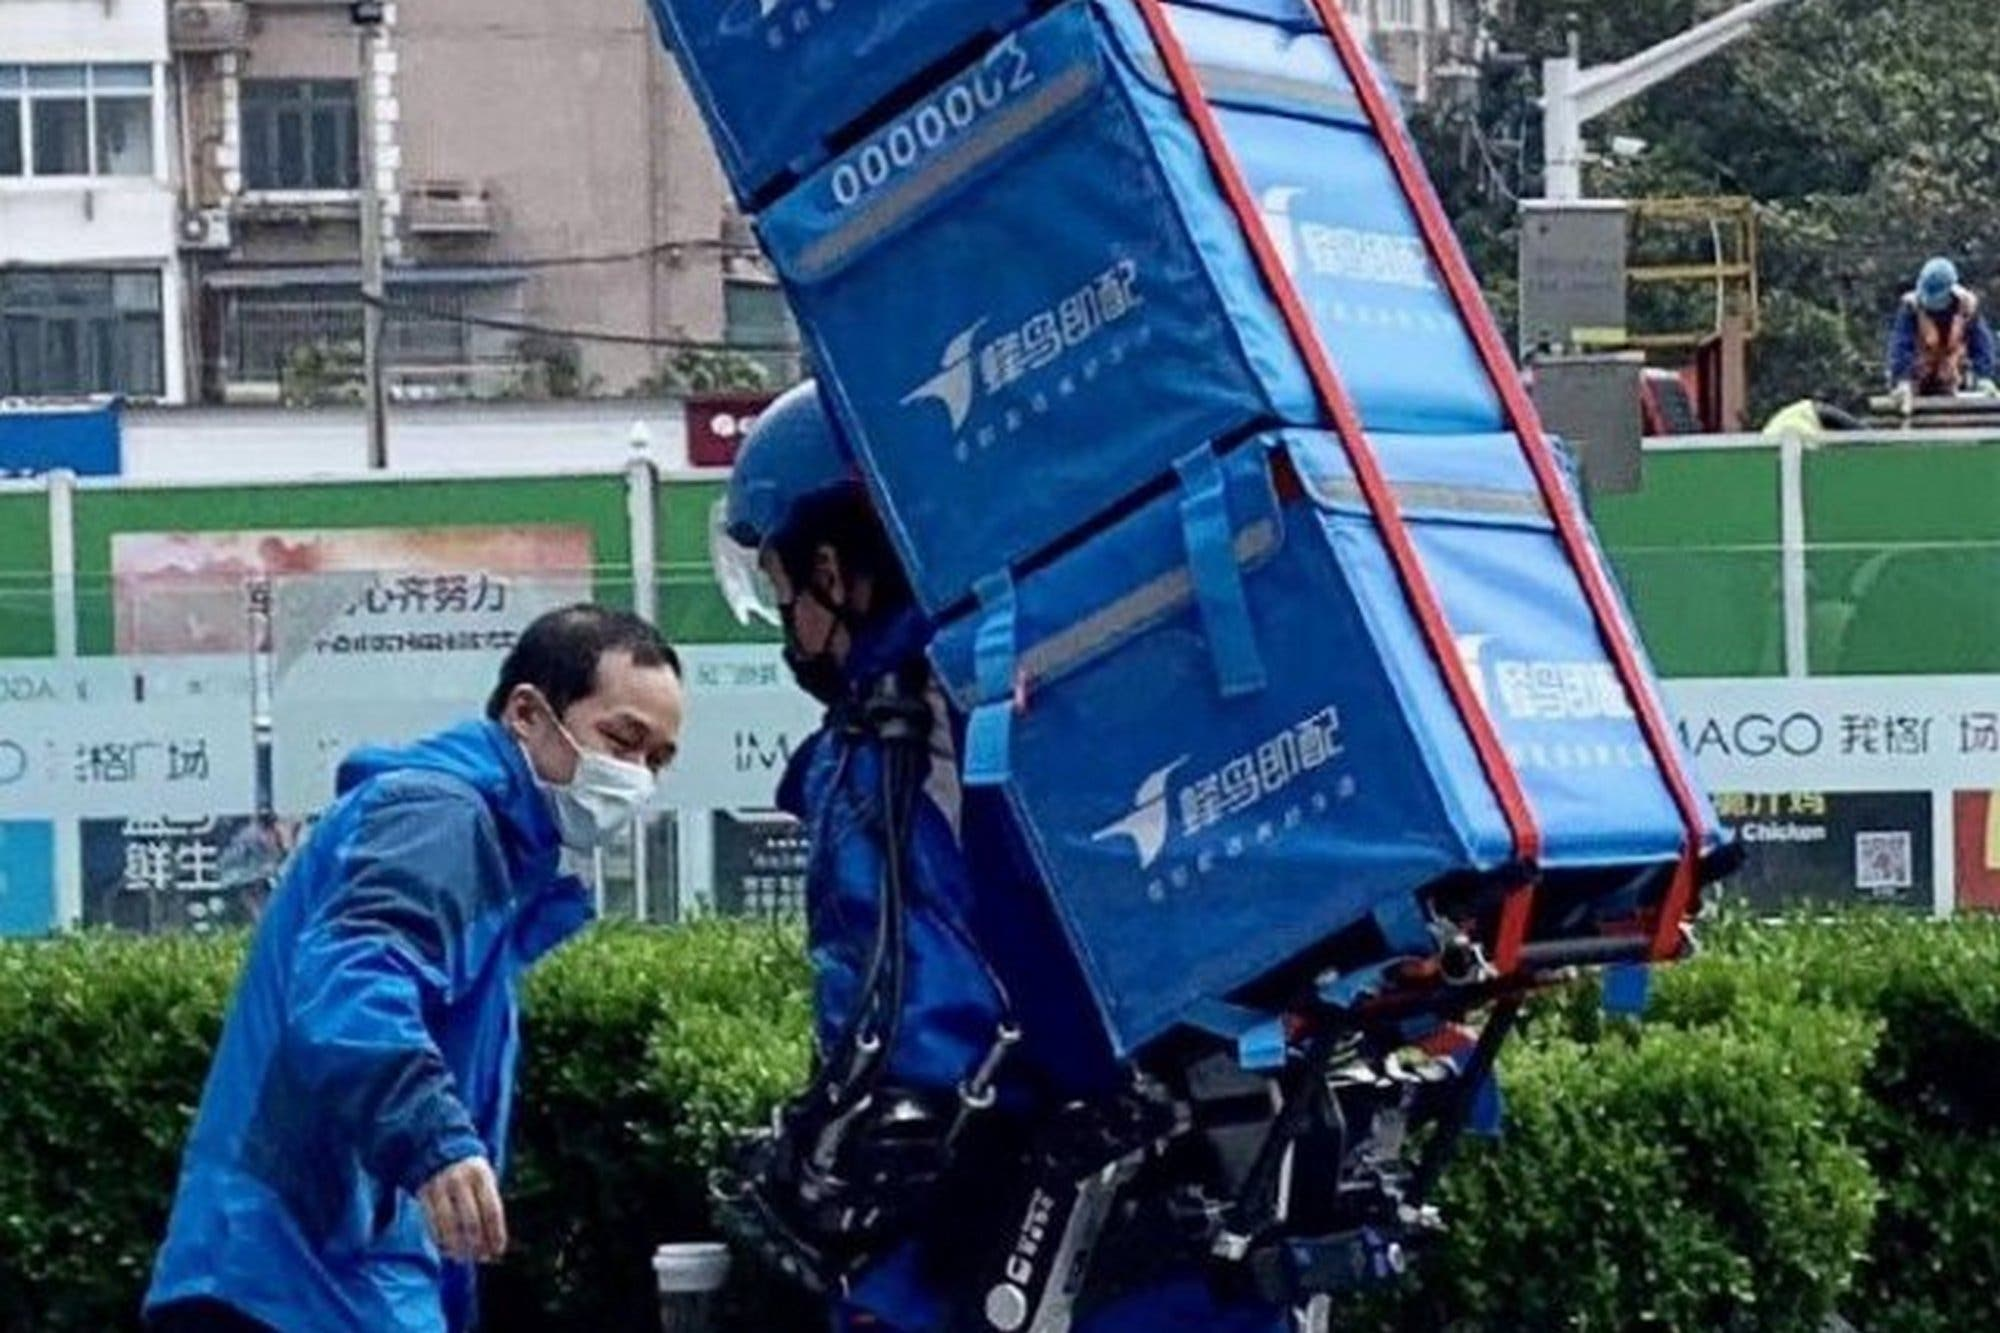 China prueba el uso de exoesqueletos para triplicar la capacidad de carga de los repartidores de comidas y pedidos